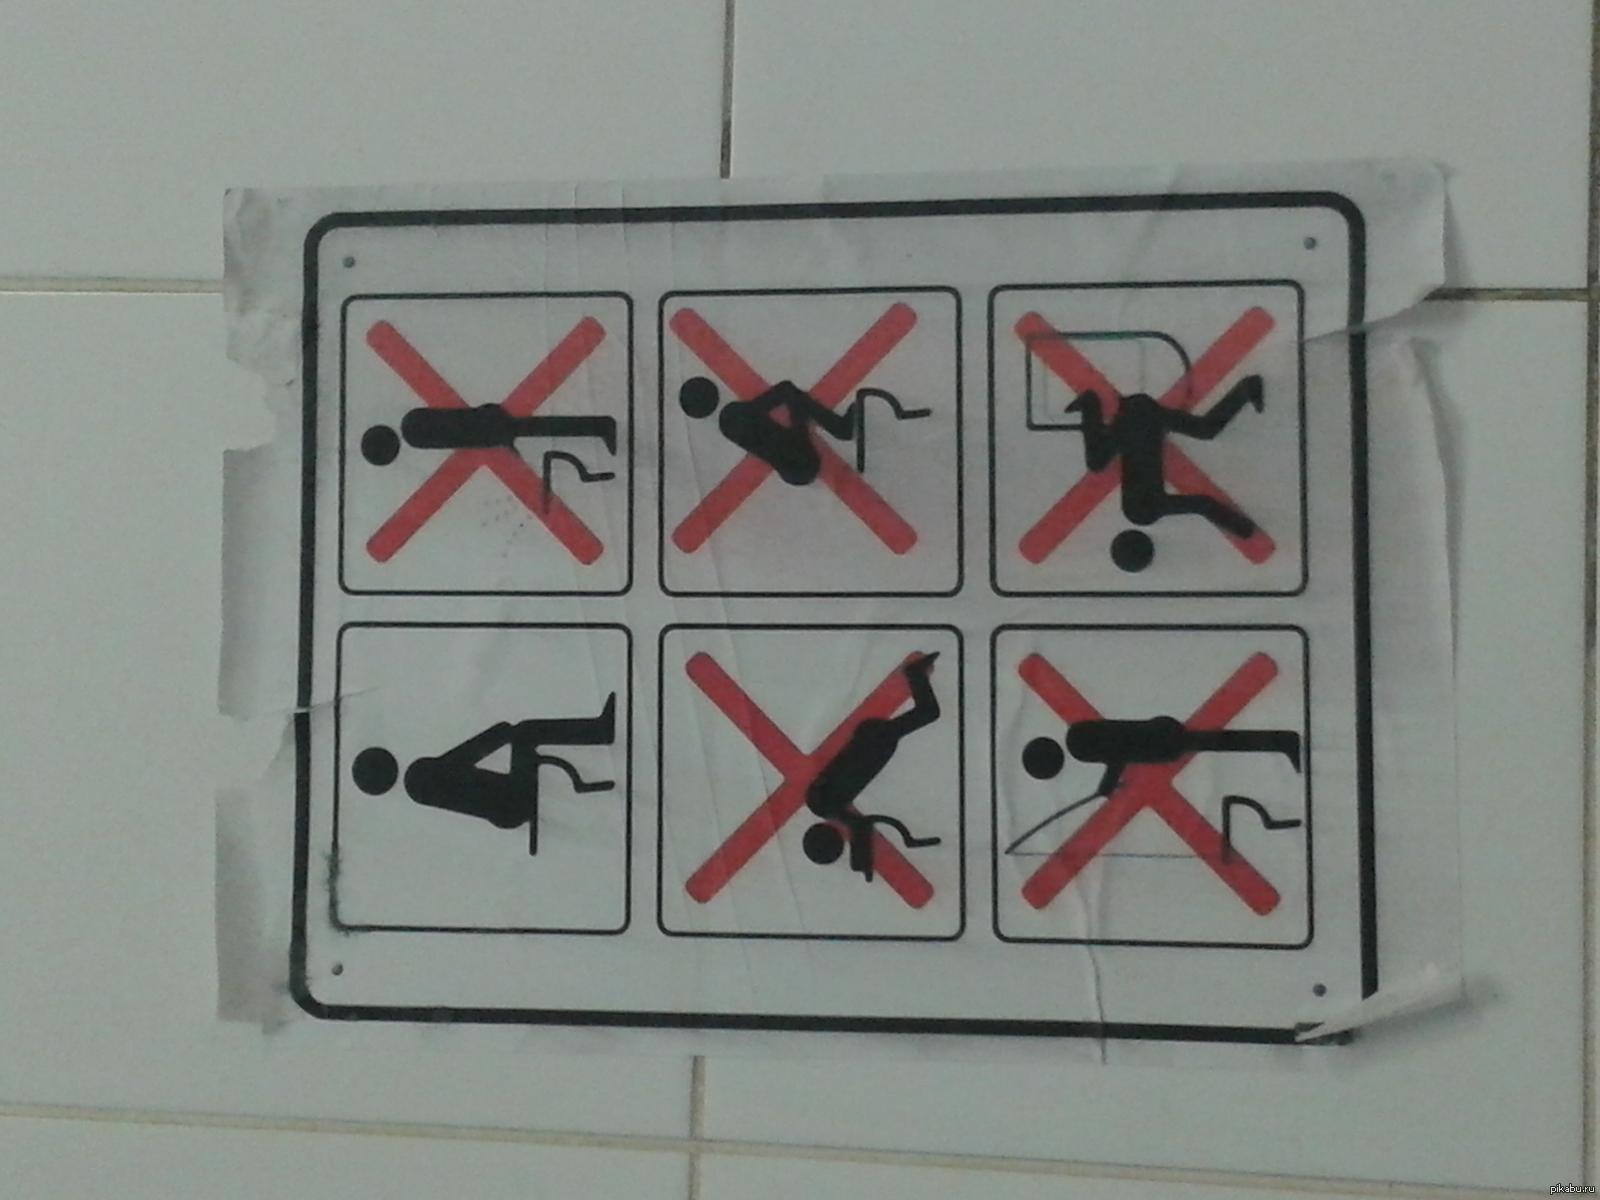 Прикольные картинки как пользоваться туалетом